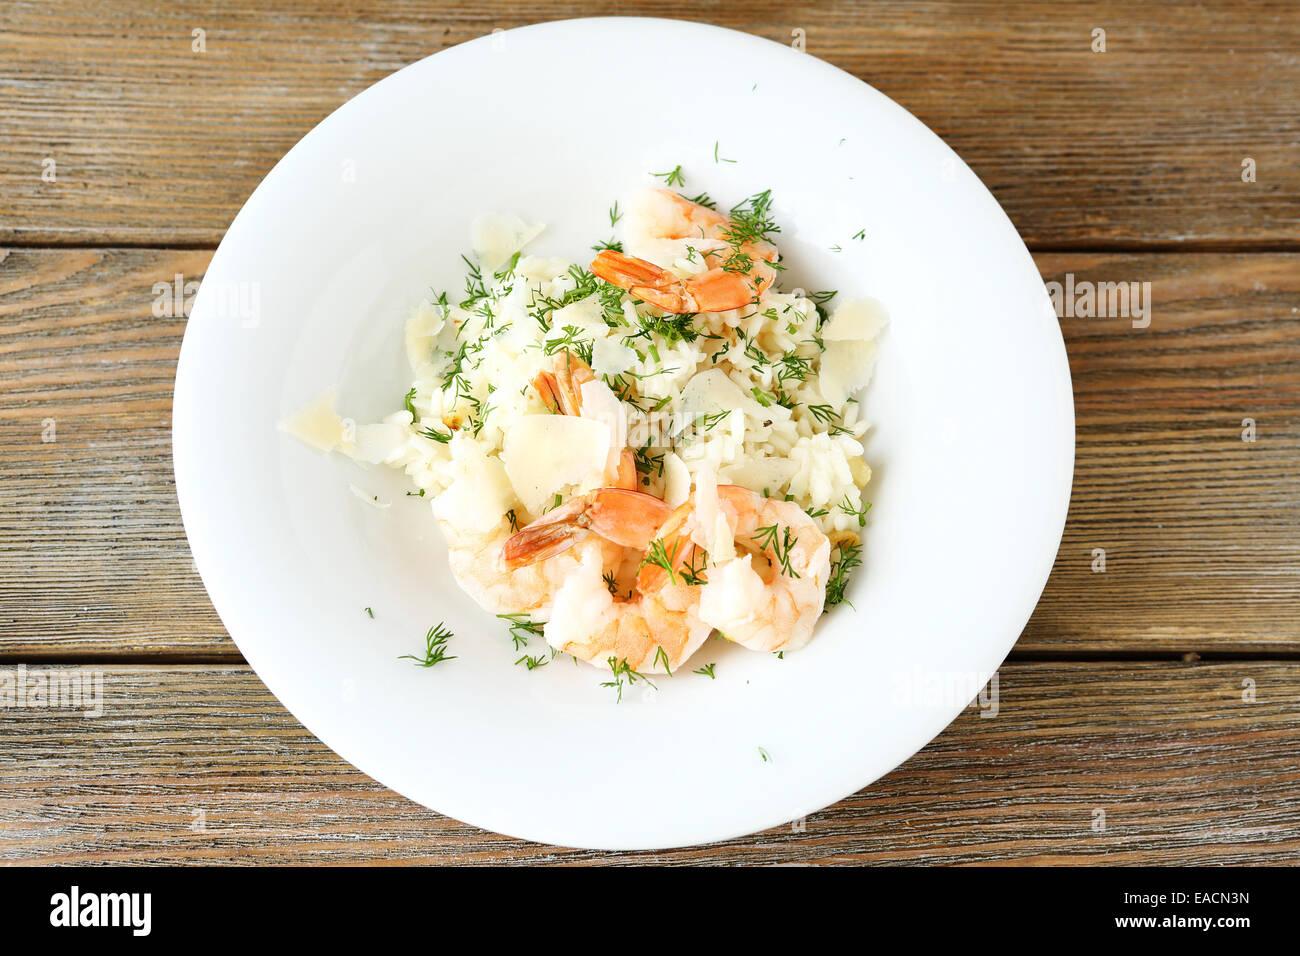 Sabroso risotto con camarones y eneldo, alimentos Foto de stock